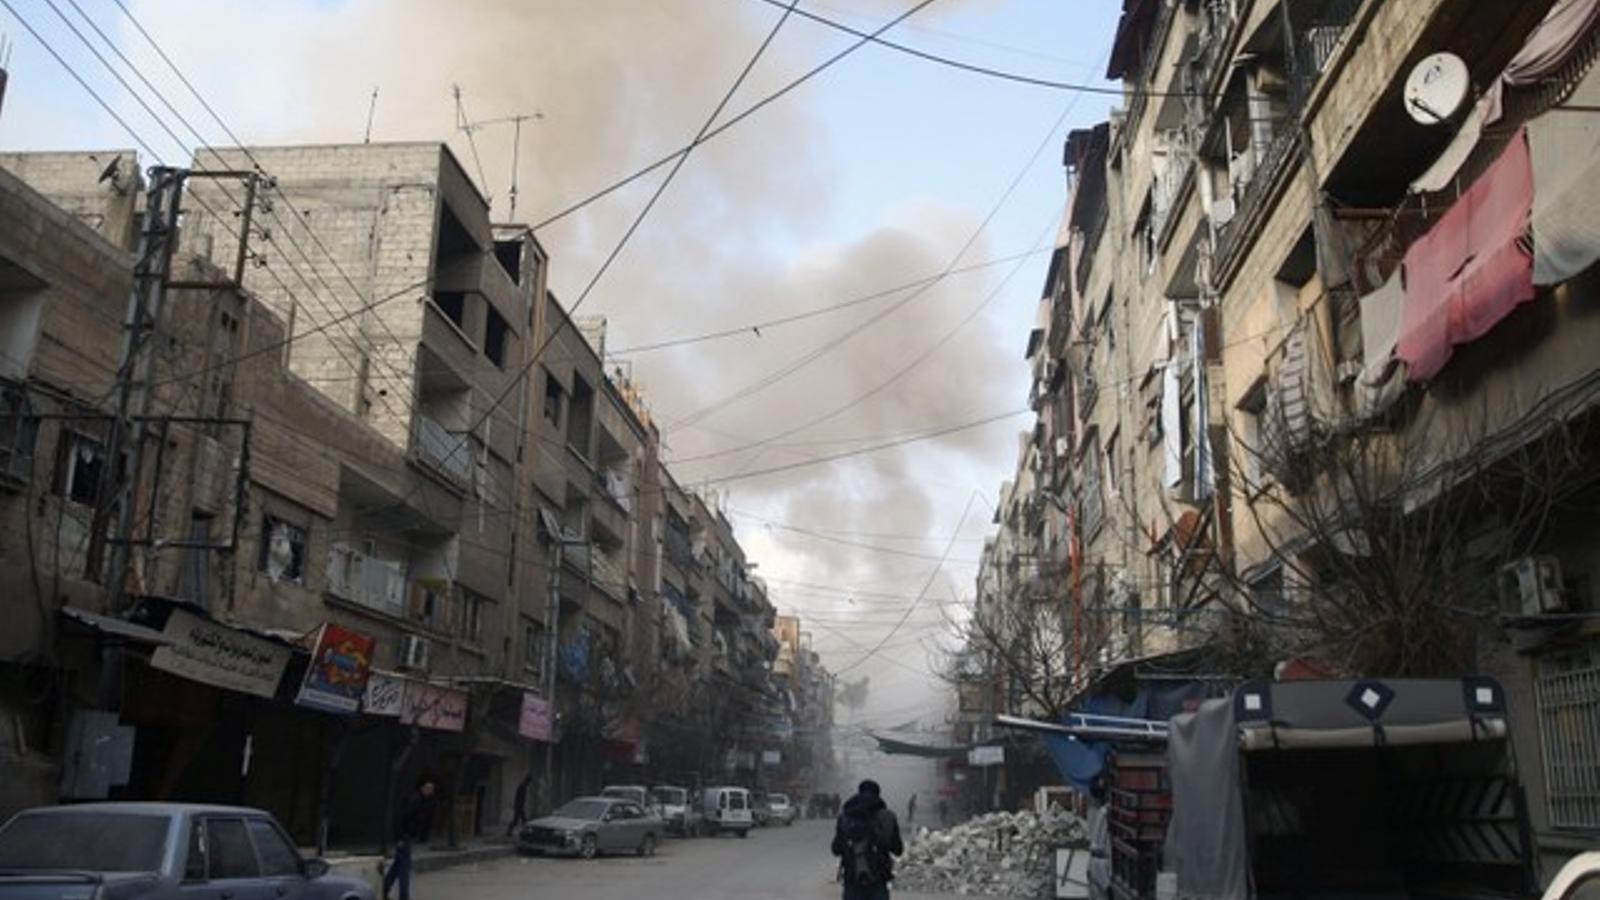 Un home camina pels carrers de Douma, a Guta de l'est, amb la columna de fum dels bombardejos al fons.